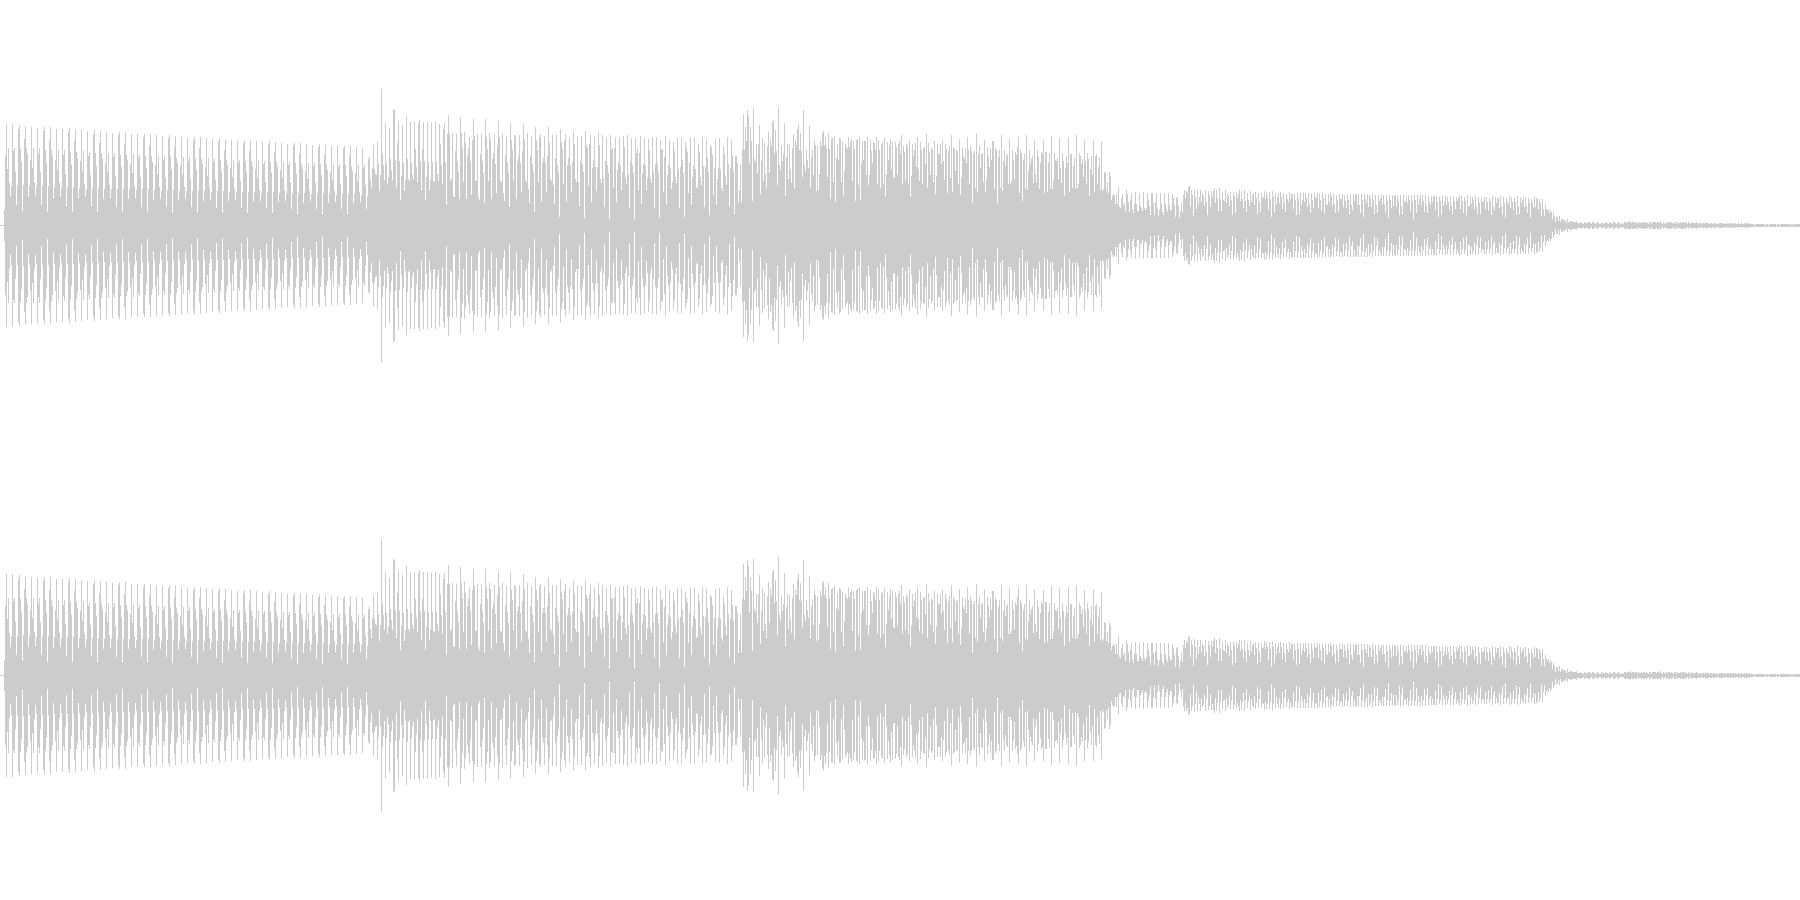 ボタン決定音システム選択タッチ登録B09の未再生の波形